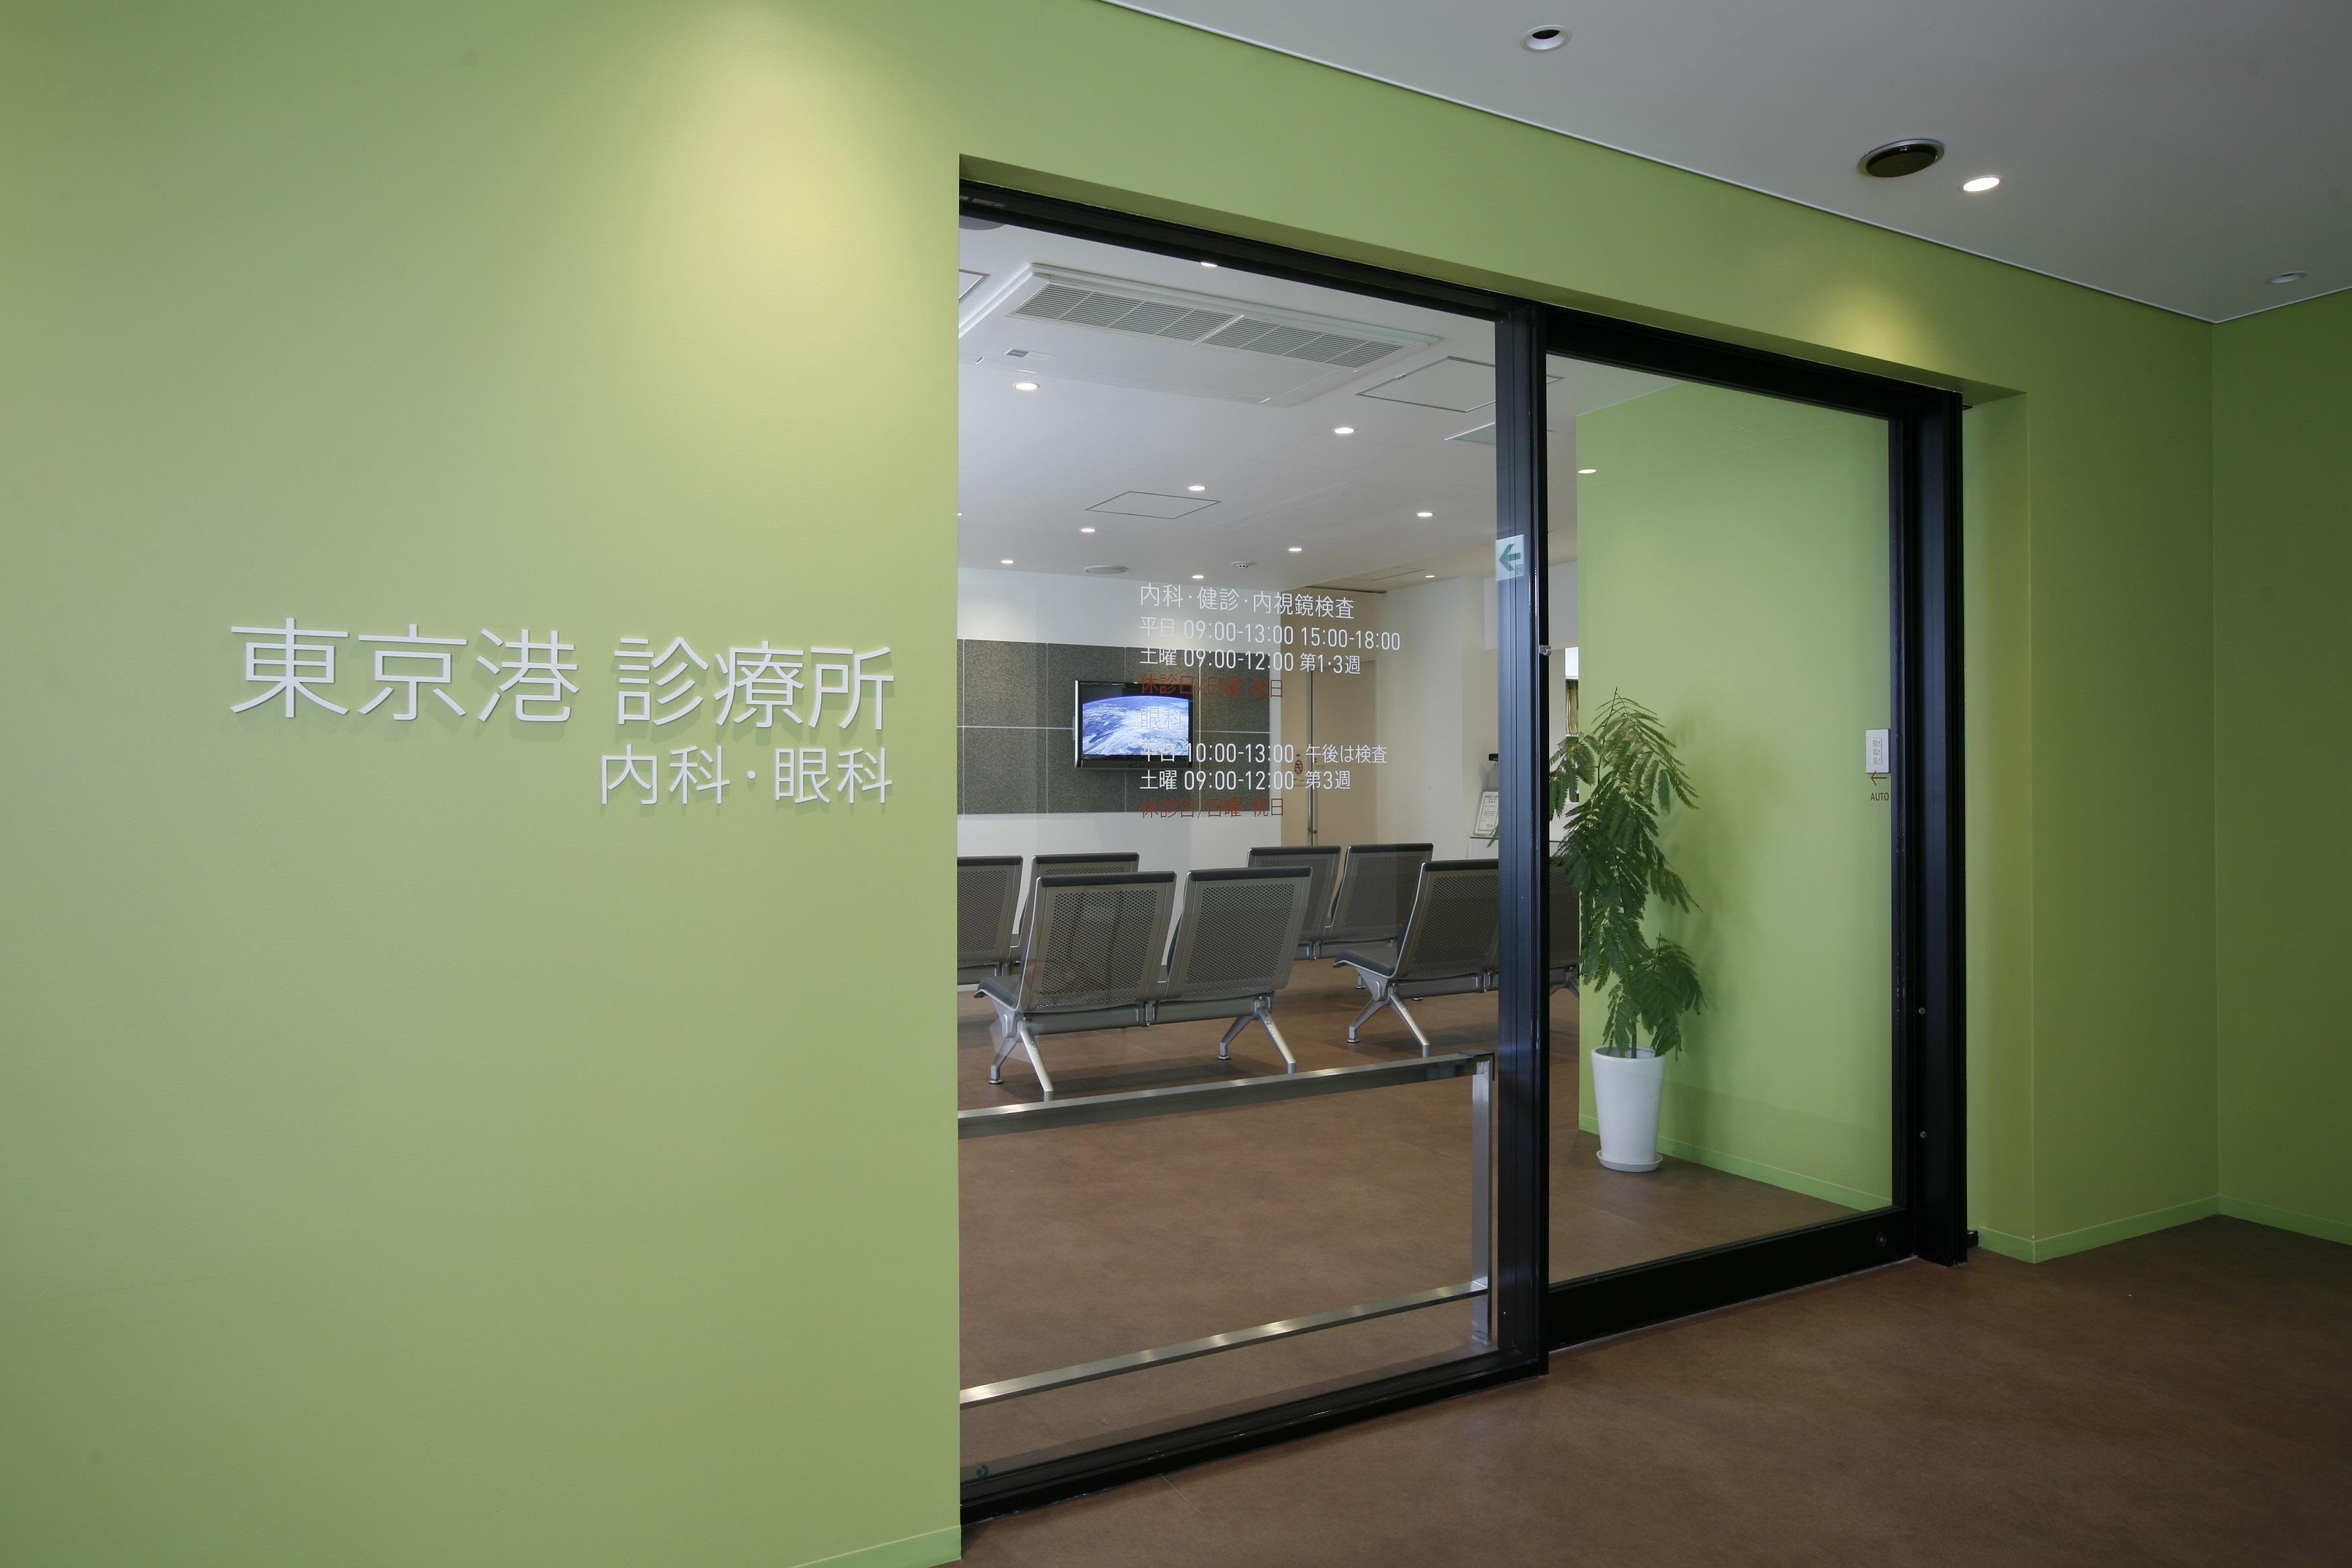 東京港診療所 エントランス